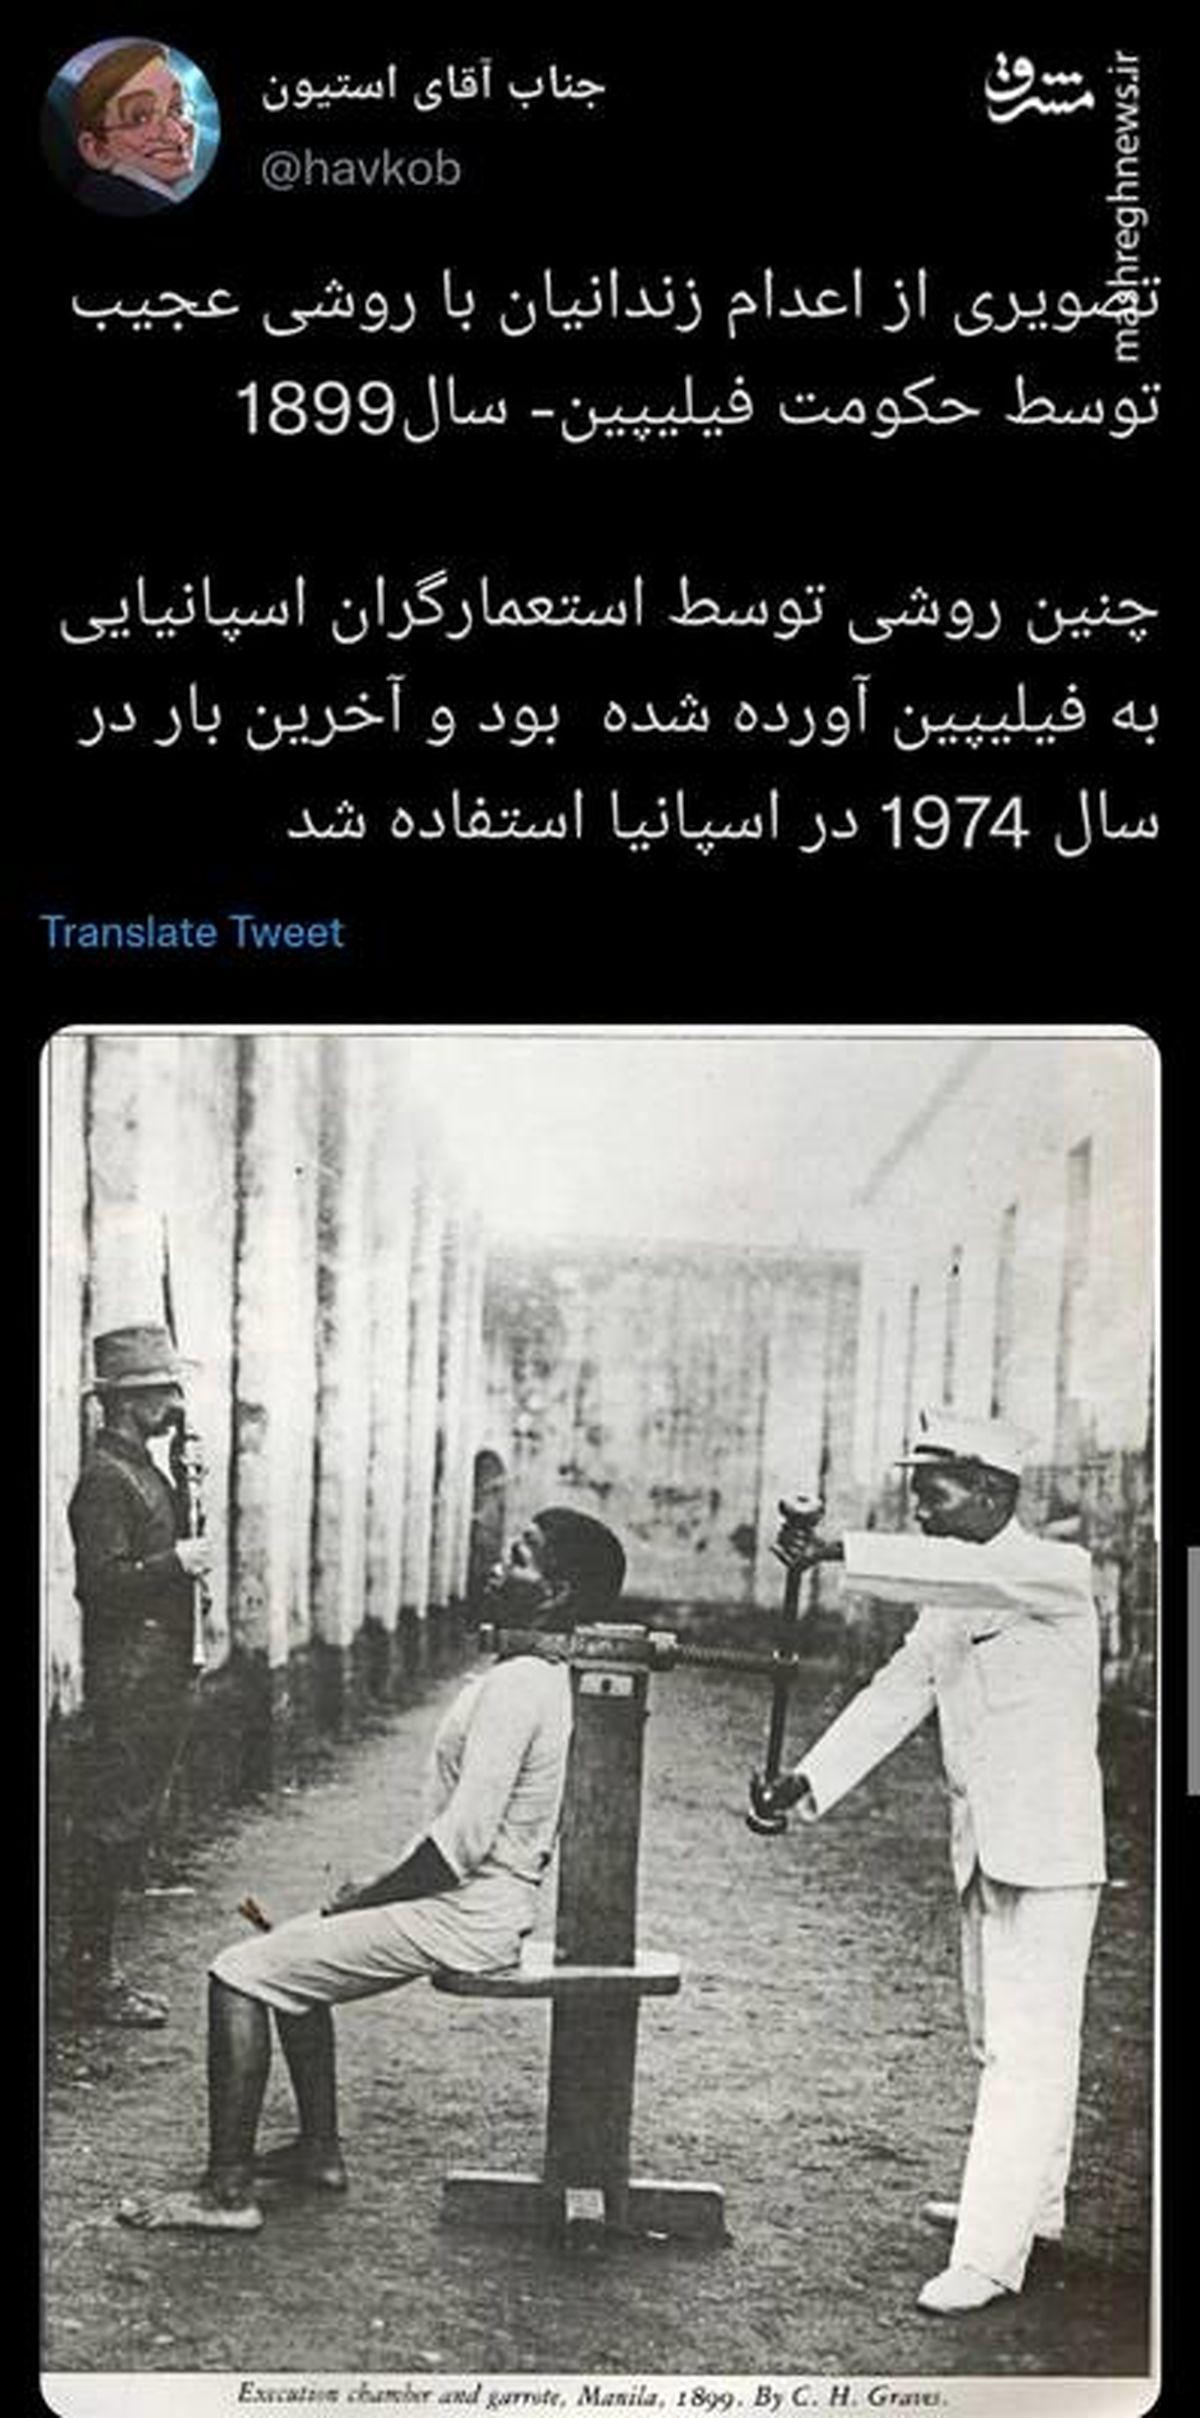 روش عجیب برای اعدام زندانیان + عکس